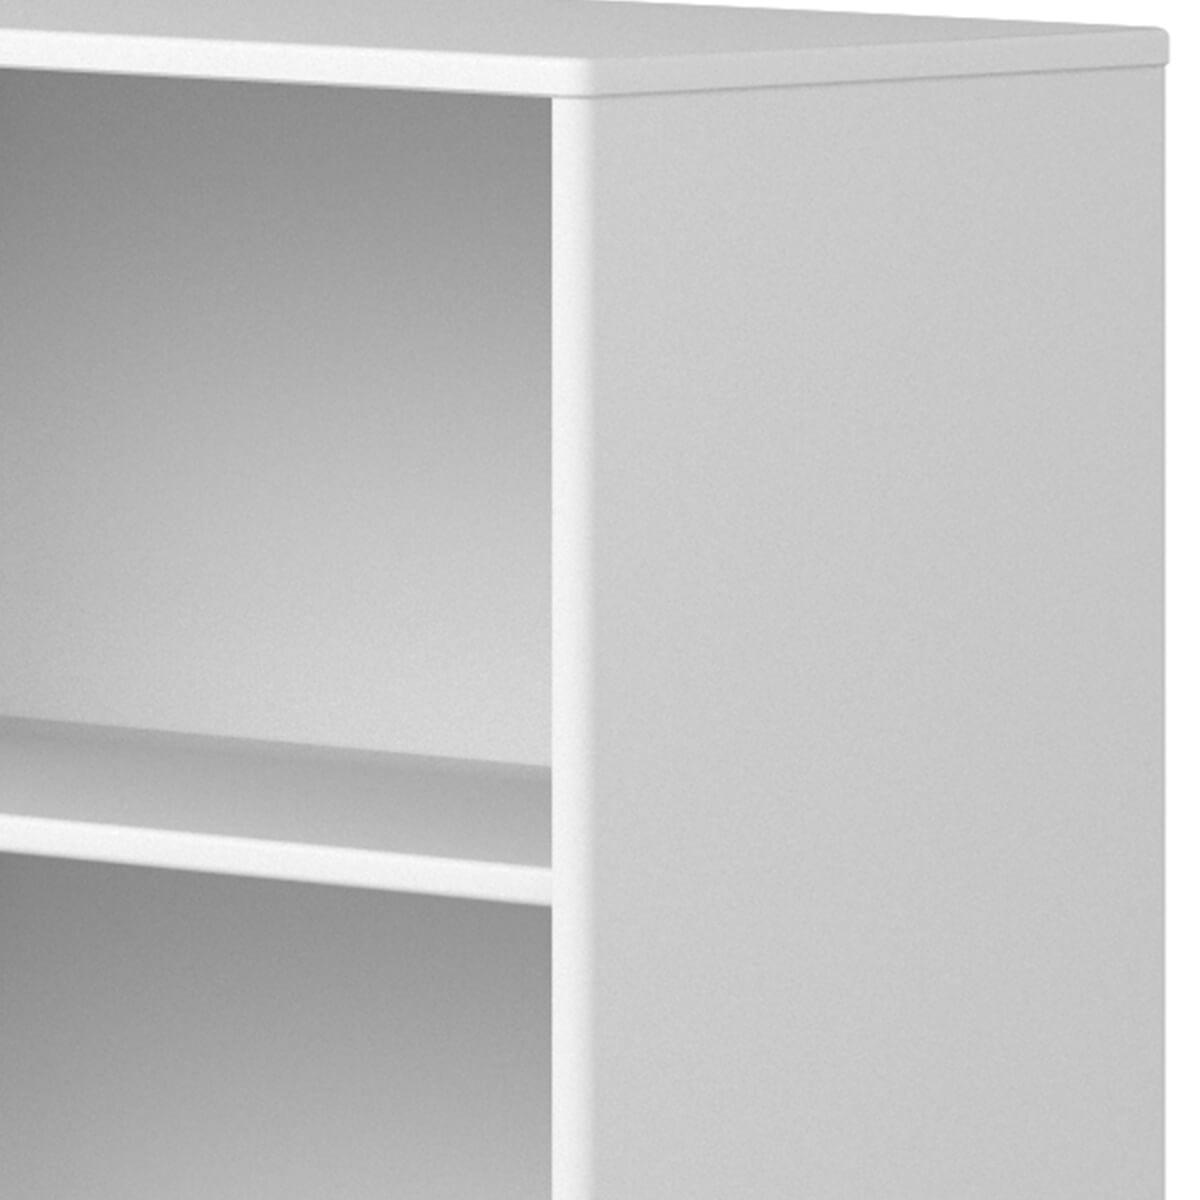 Estantería 72x135cm STUDY CABBY Flexa blanco